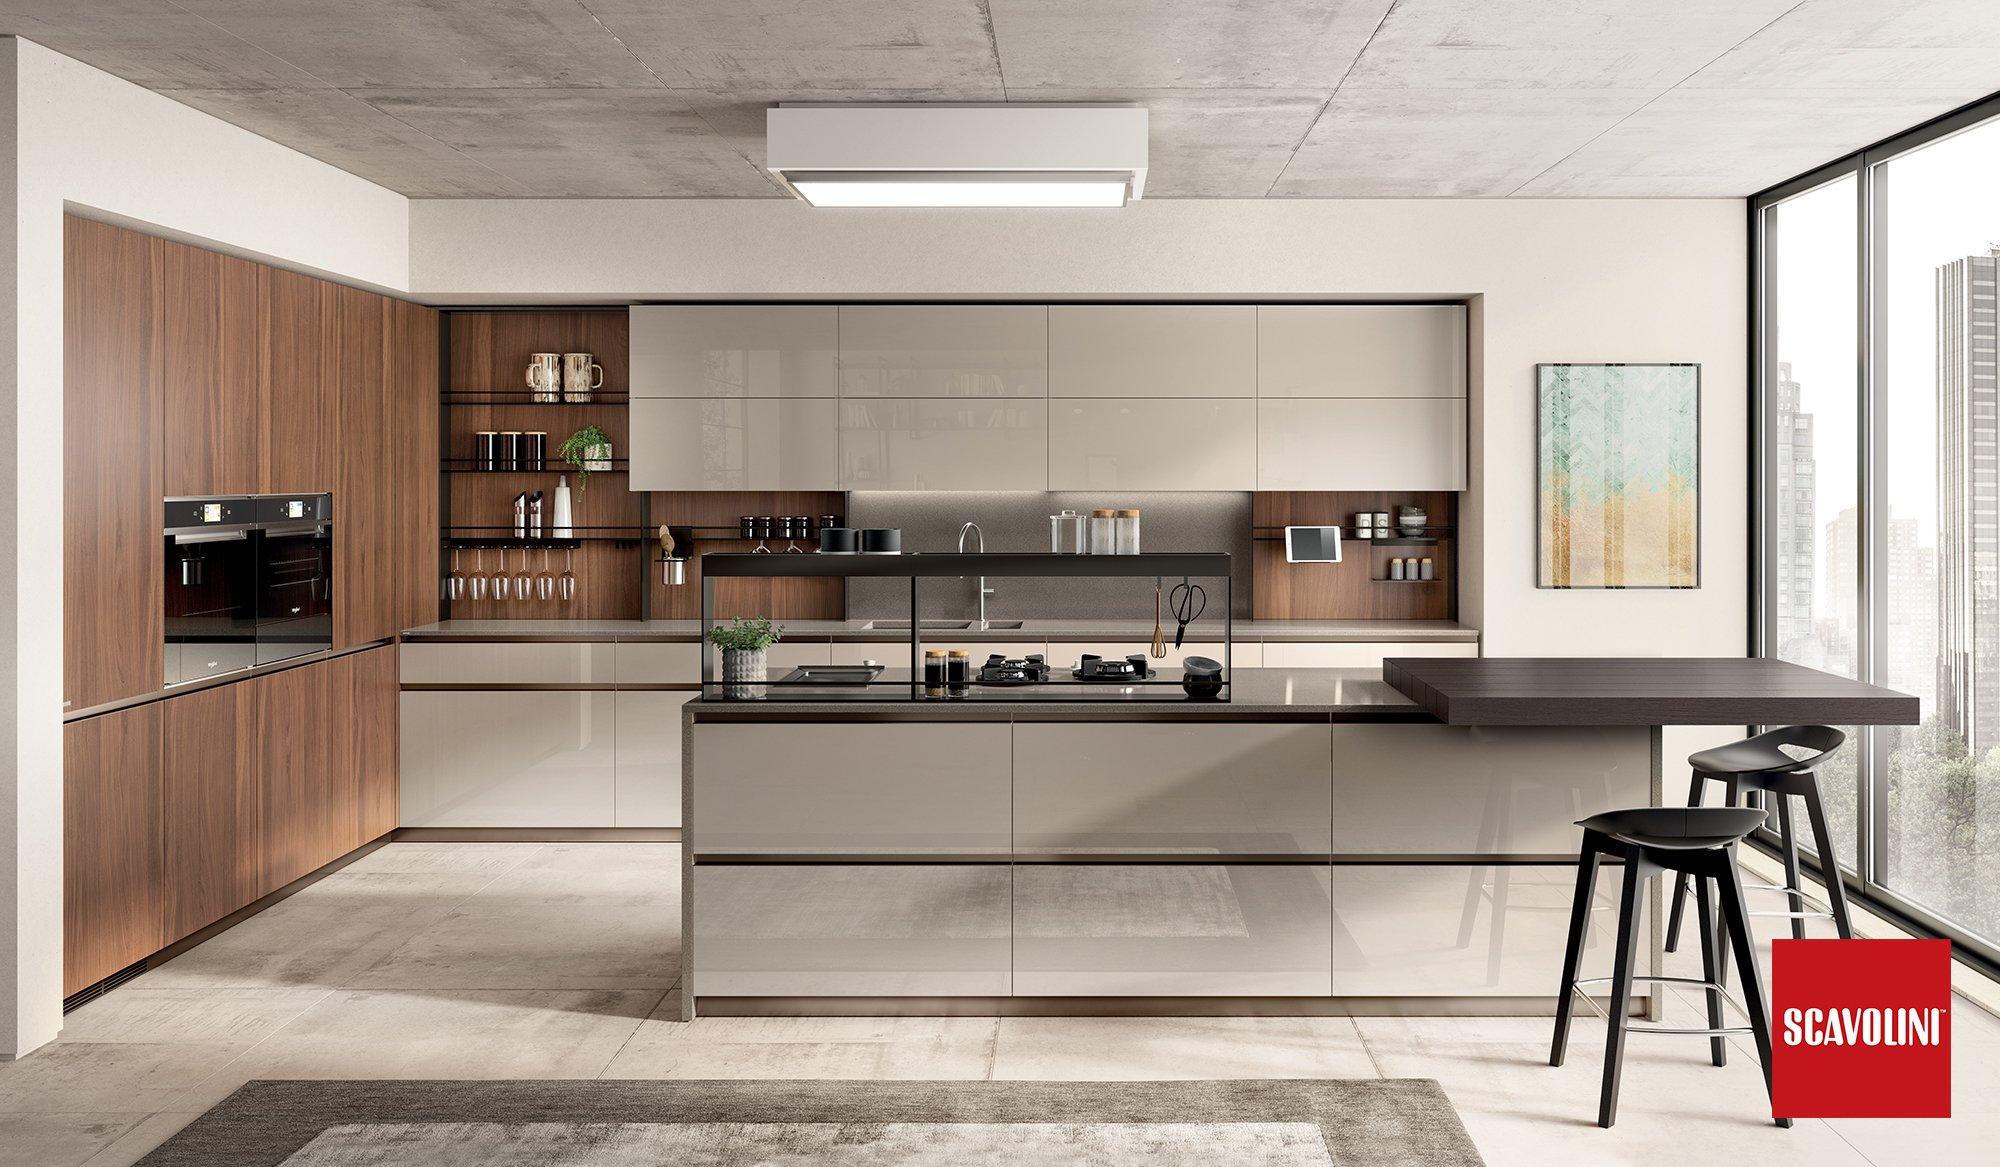 Cucina Scavolini mod. Boxlife